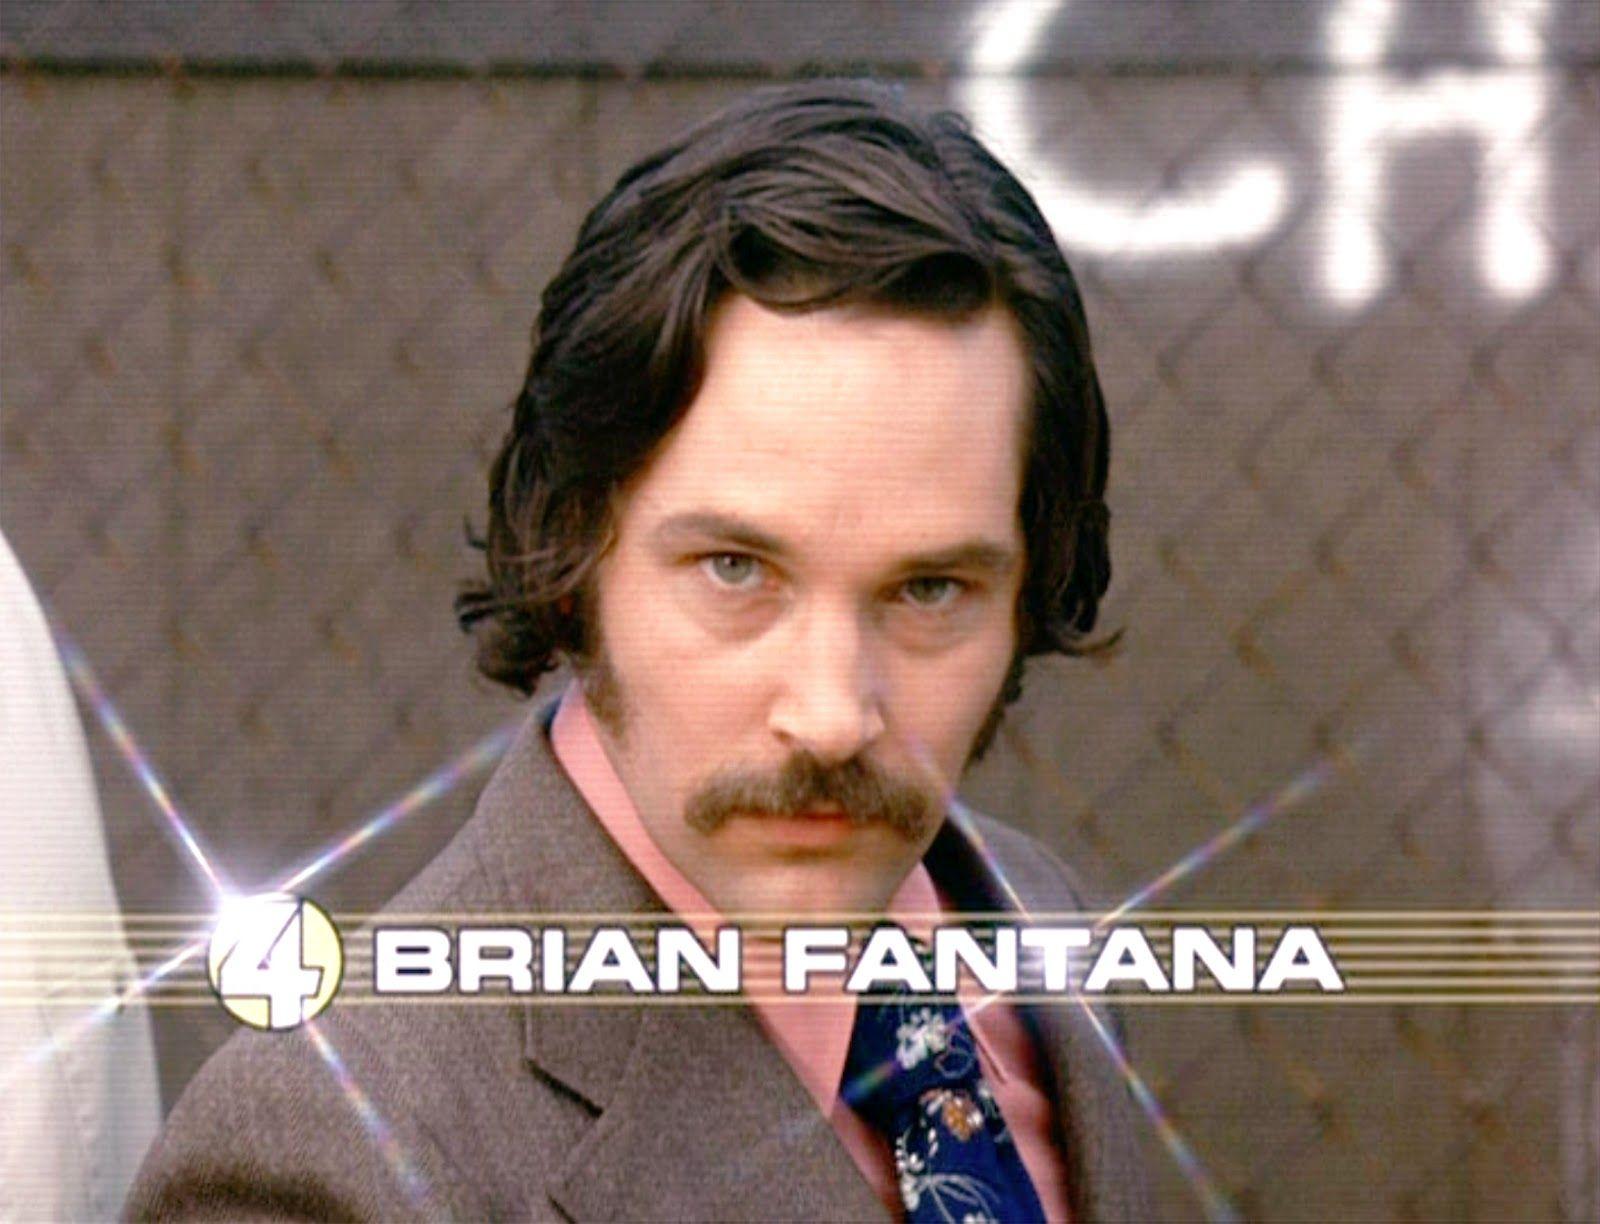 Brian Fantana - PANDA ...